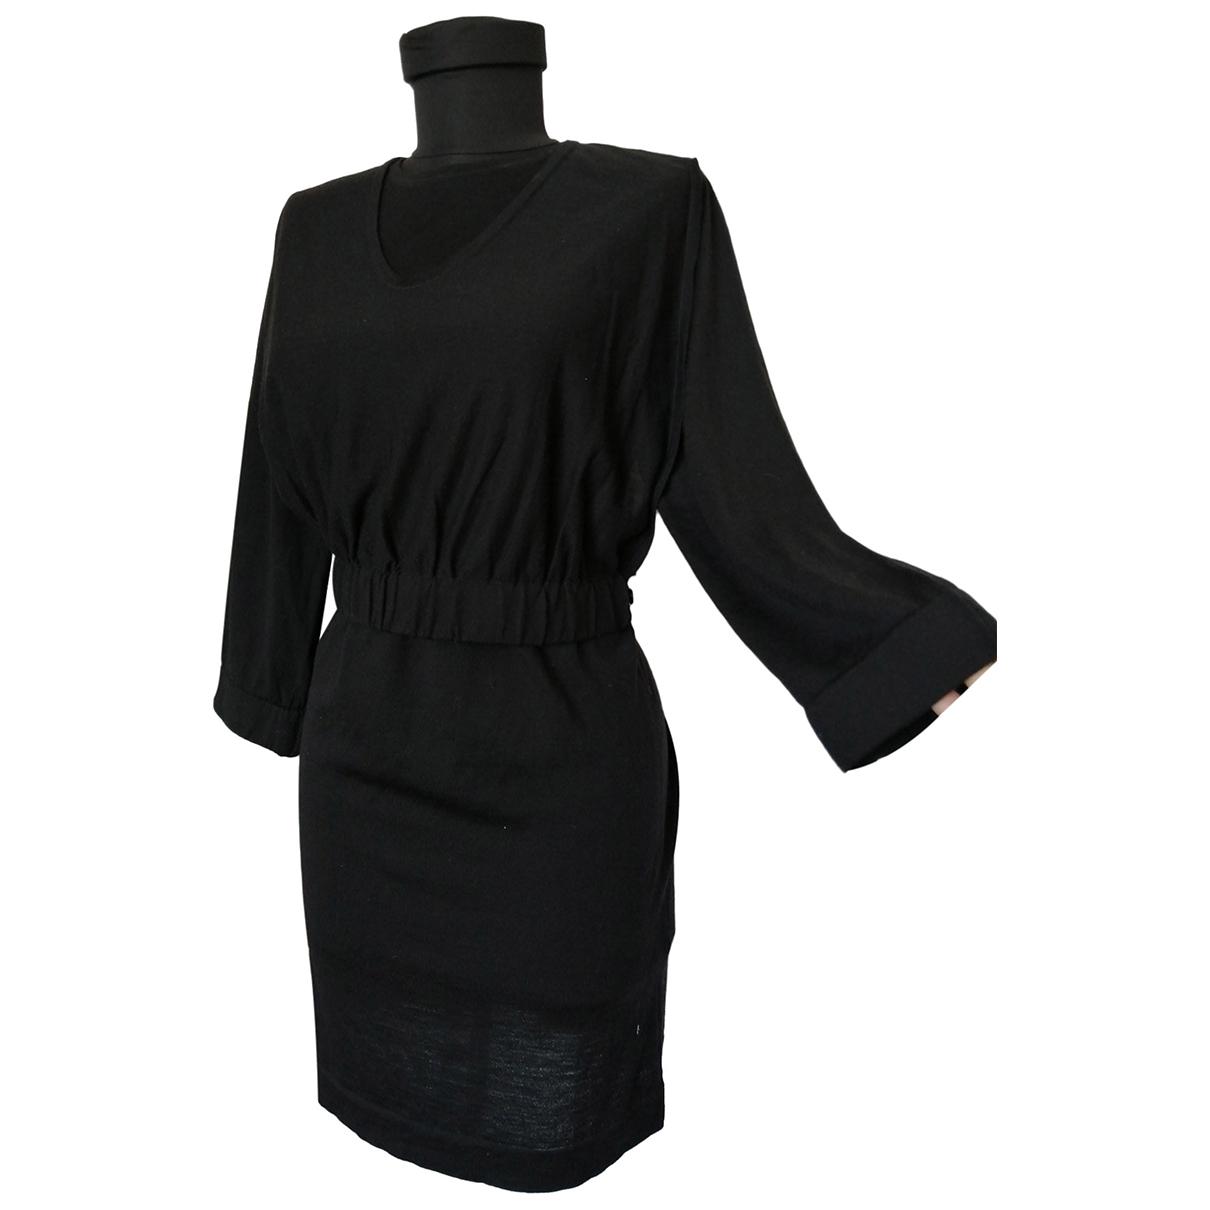 Cos - Robe   pour femme en laine - noir